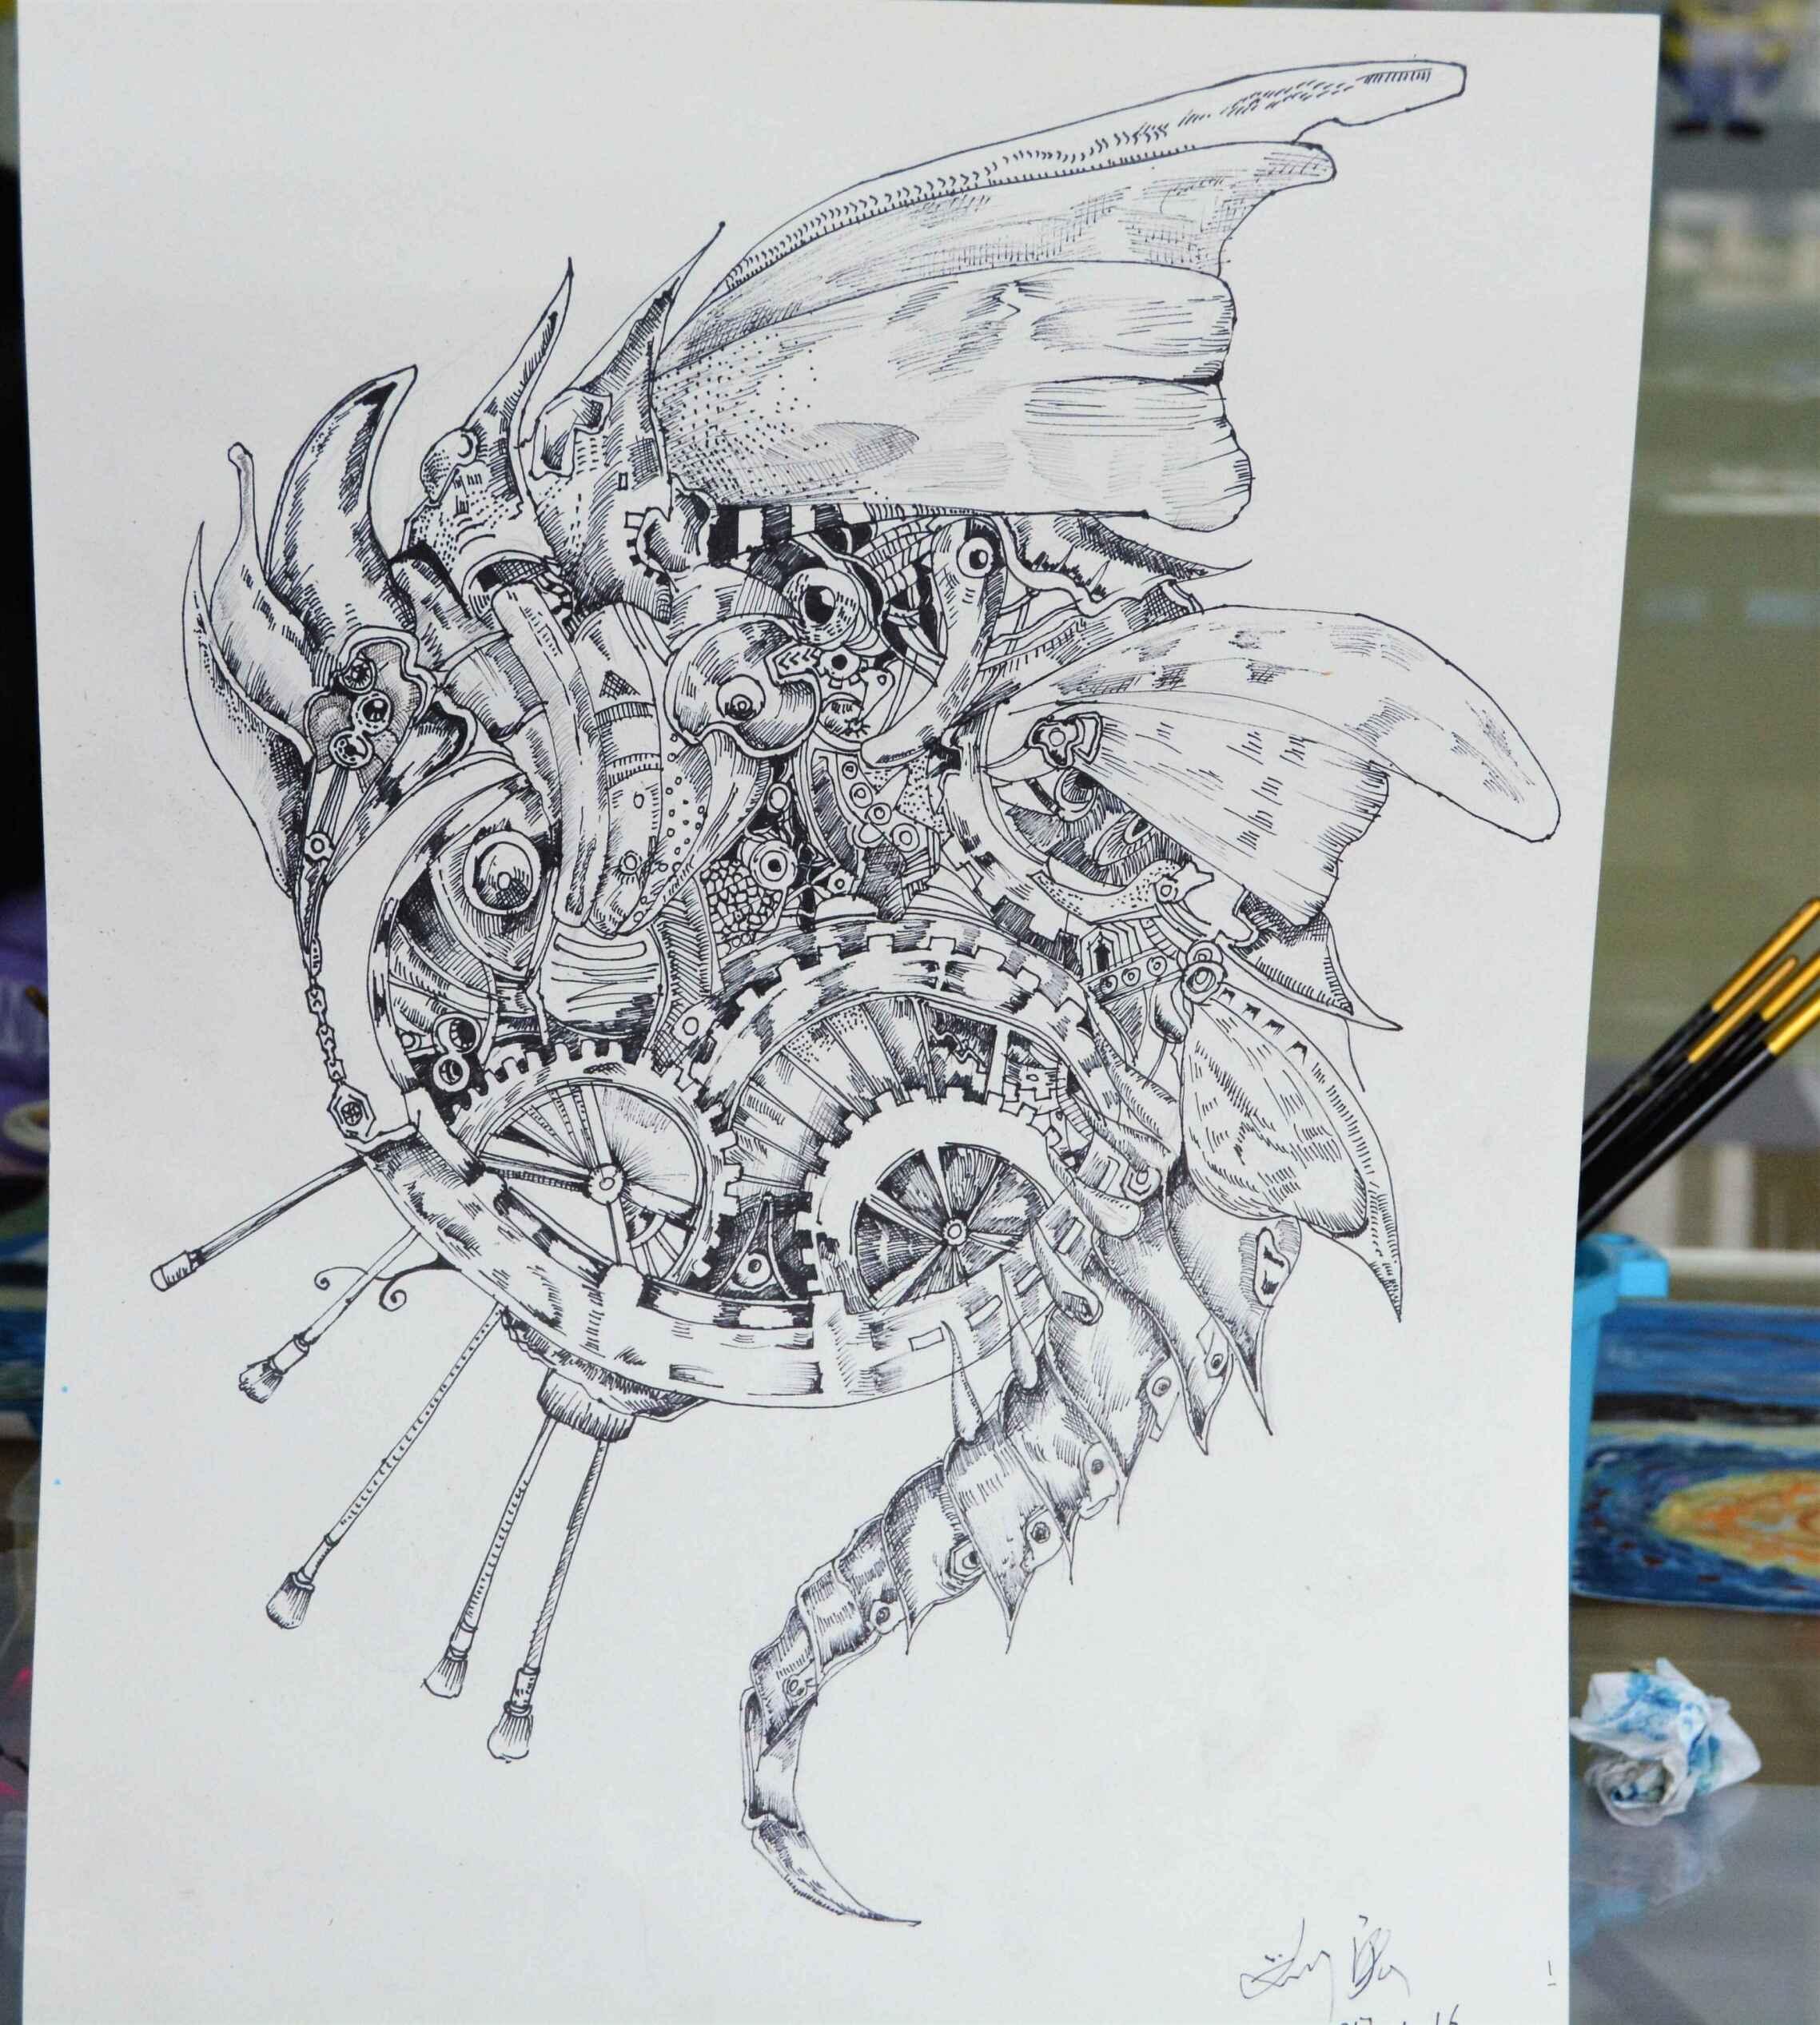 装饰画|插画|插画习作|mr猪小粥01 - 原创作品 - 站酷图片